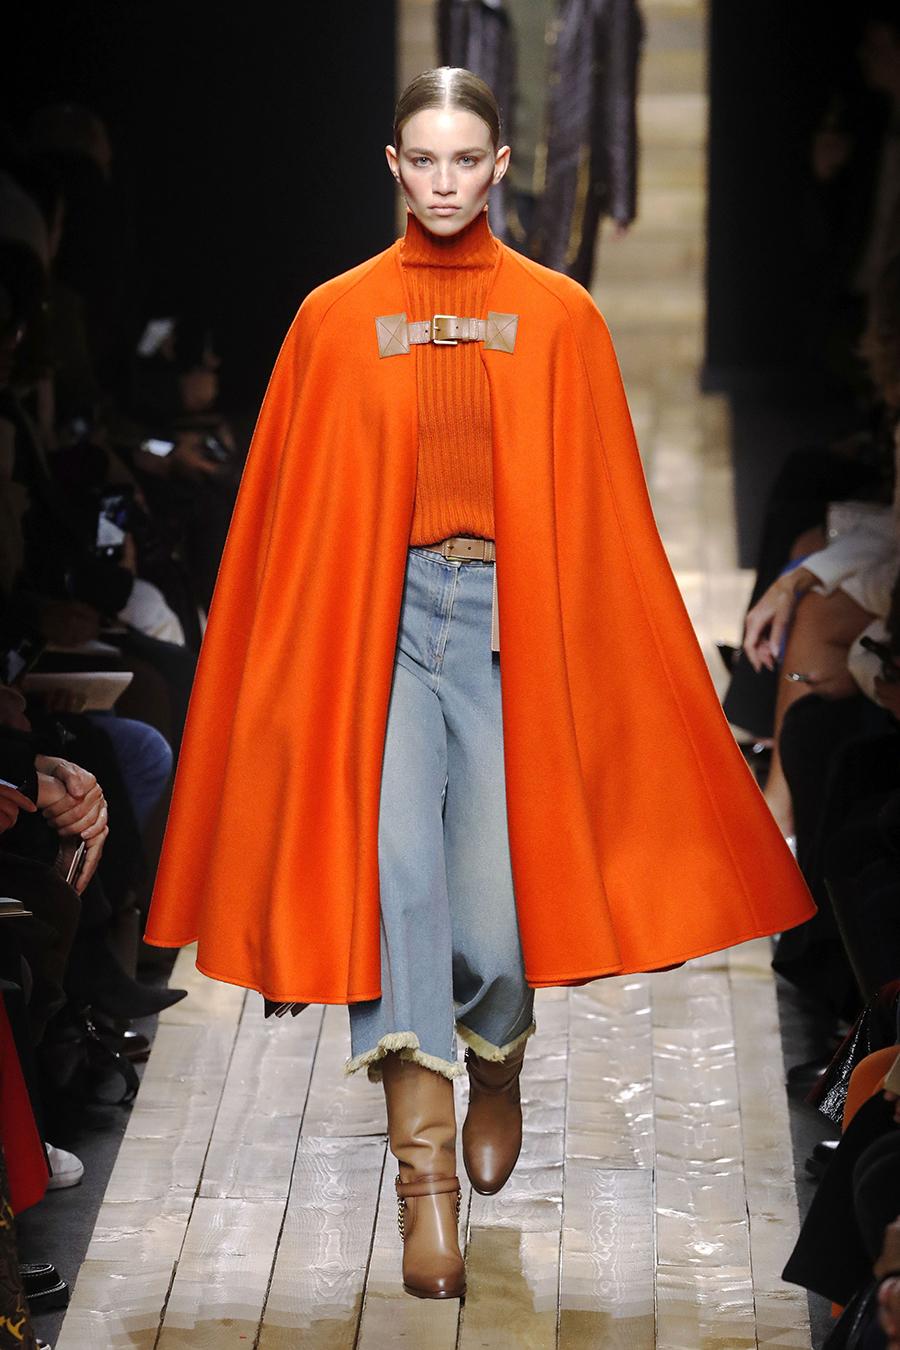 модное пальто осень 2020 накидка длинная мантия оранжевая пончо